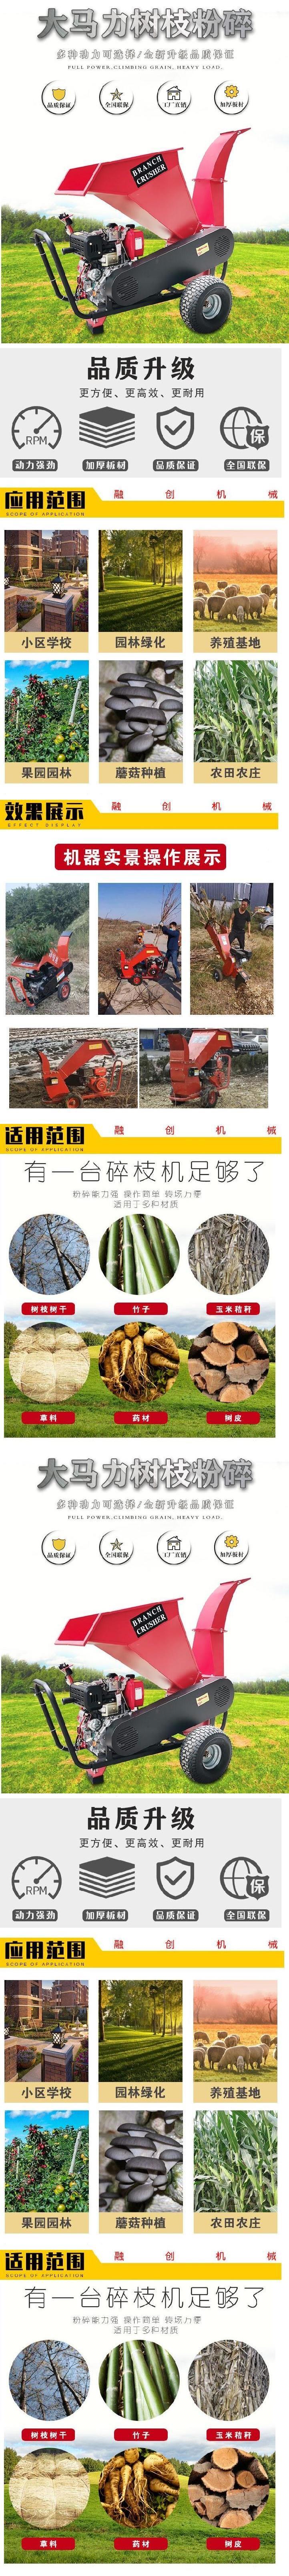 碎枝机木材树枝粉碎机果园2移动式农业机械农田农庄桔杆锯木粉填